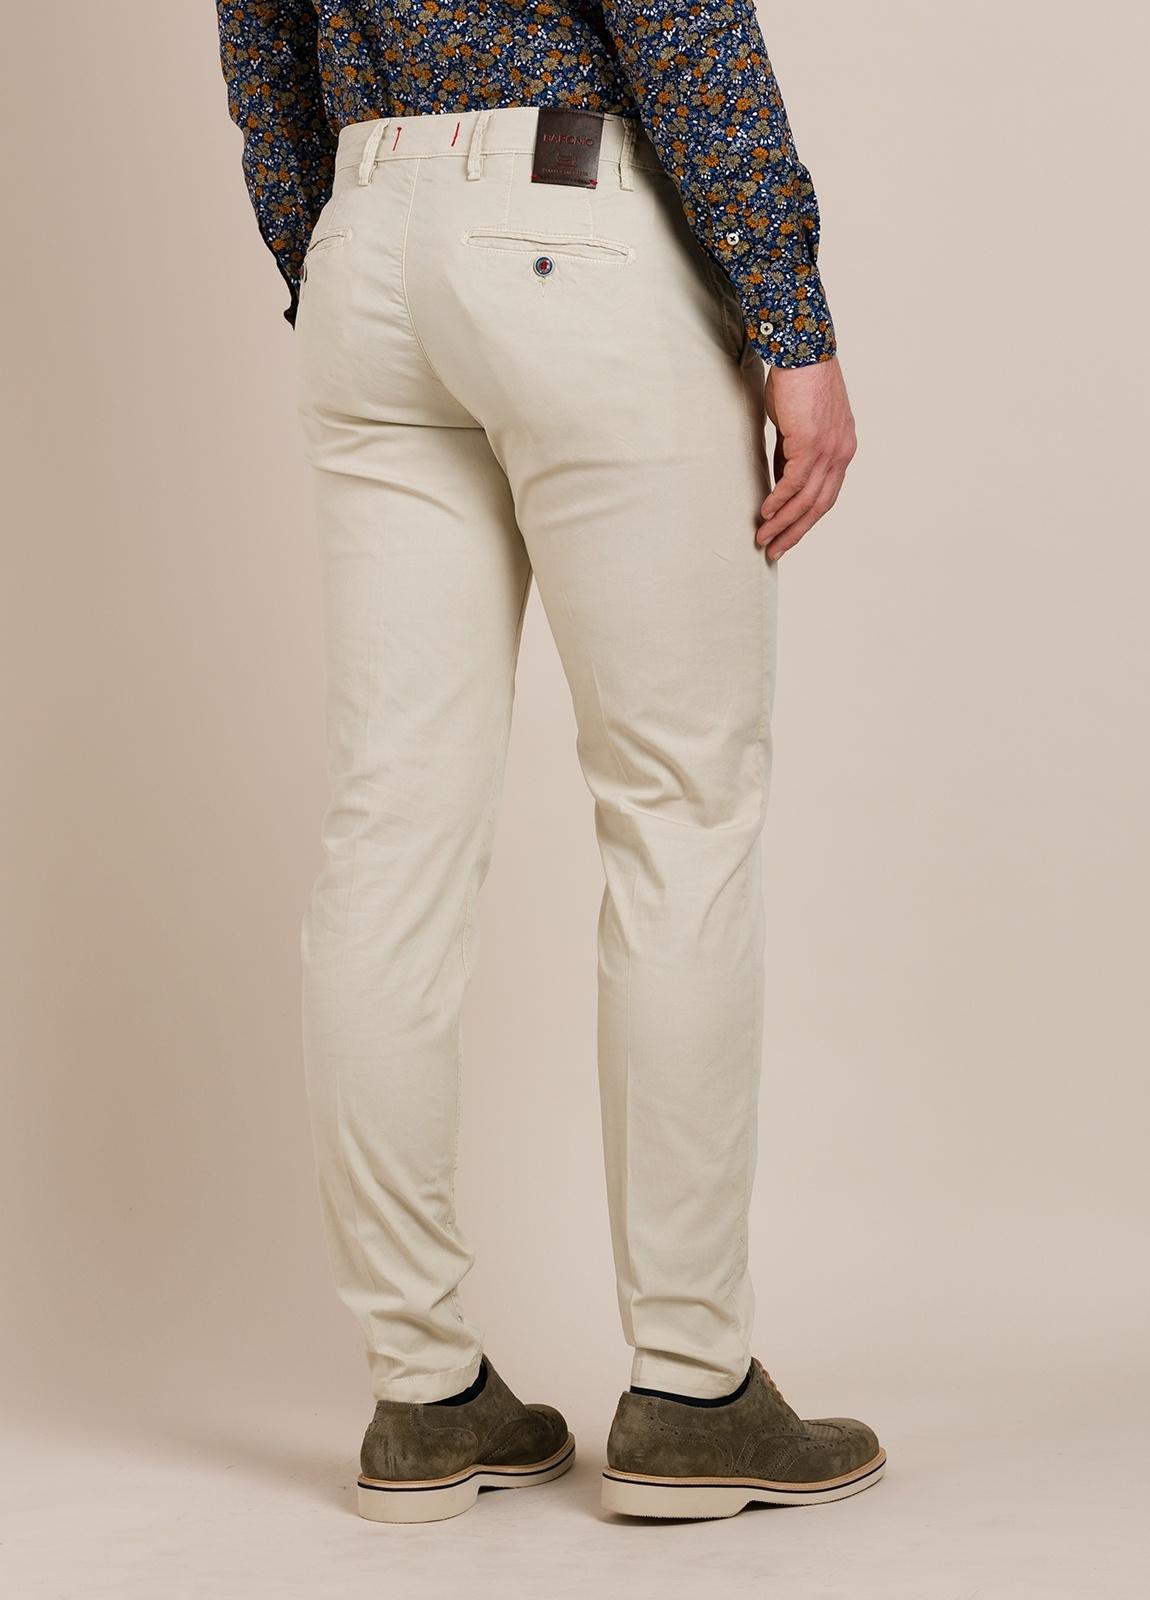 Pantalón chino BARONIO beige - Ítem2